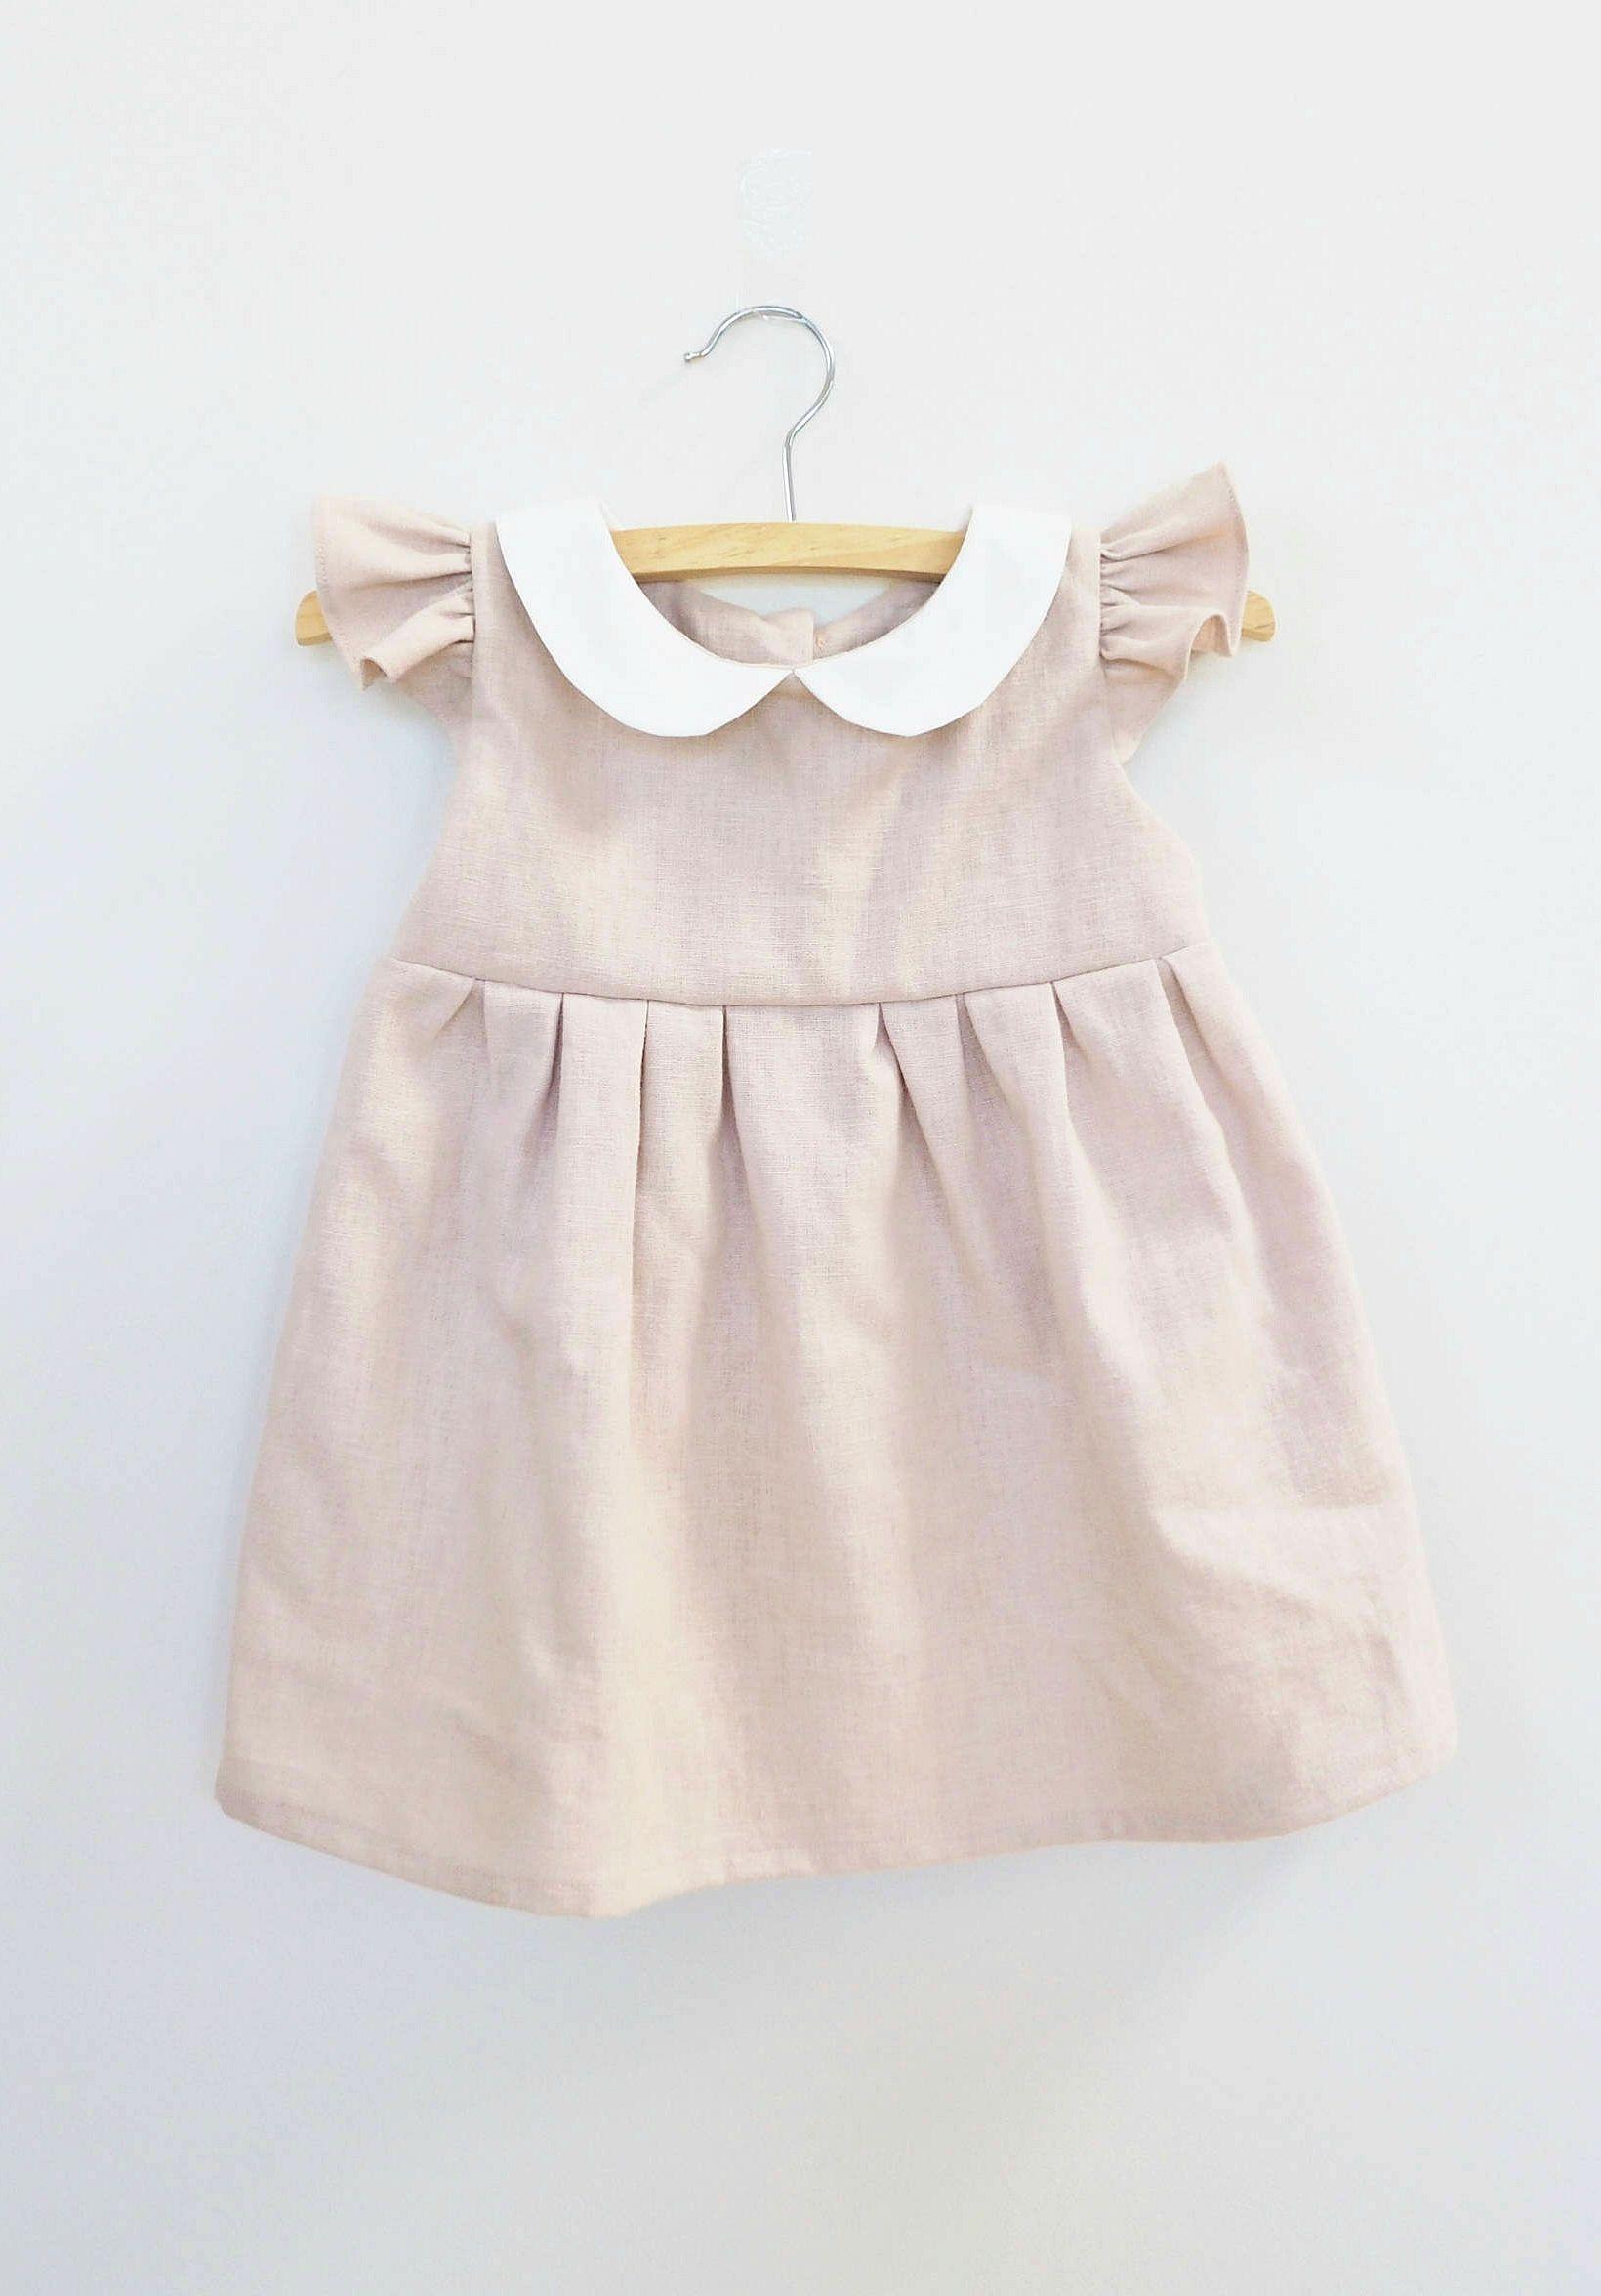 Handmade Linen Dress With Peter Pan Collar